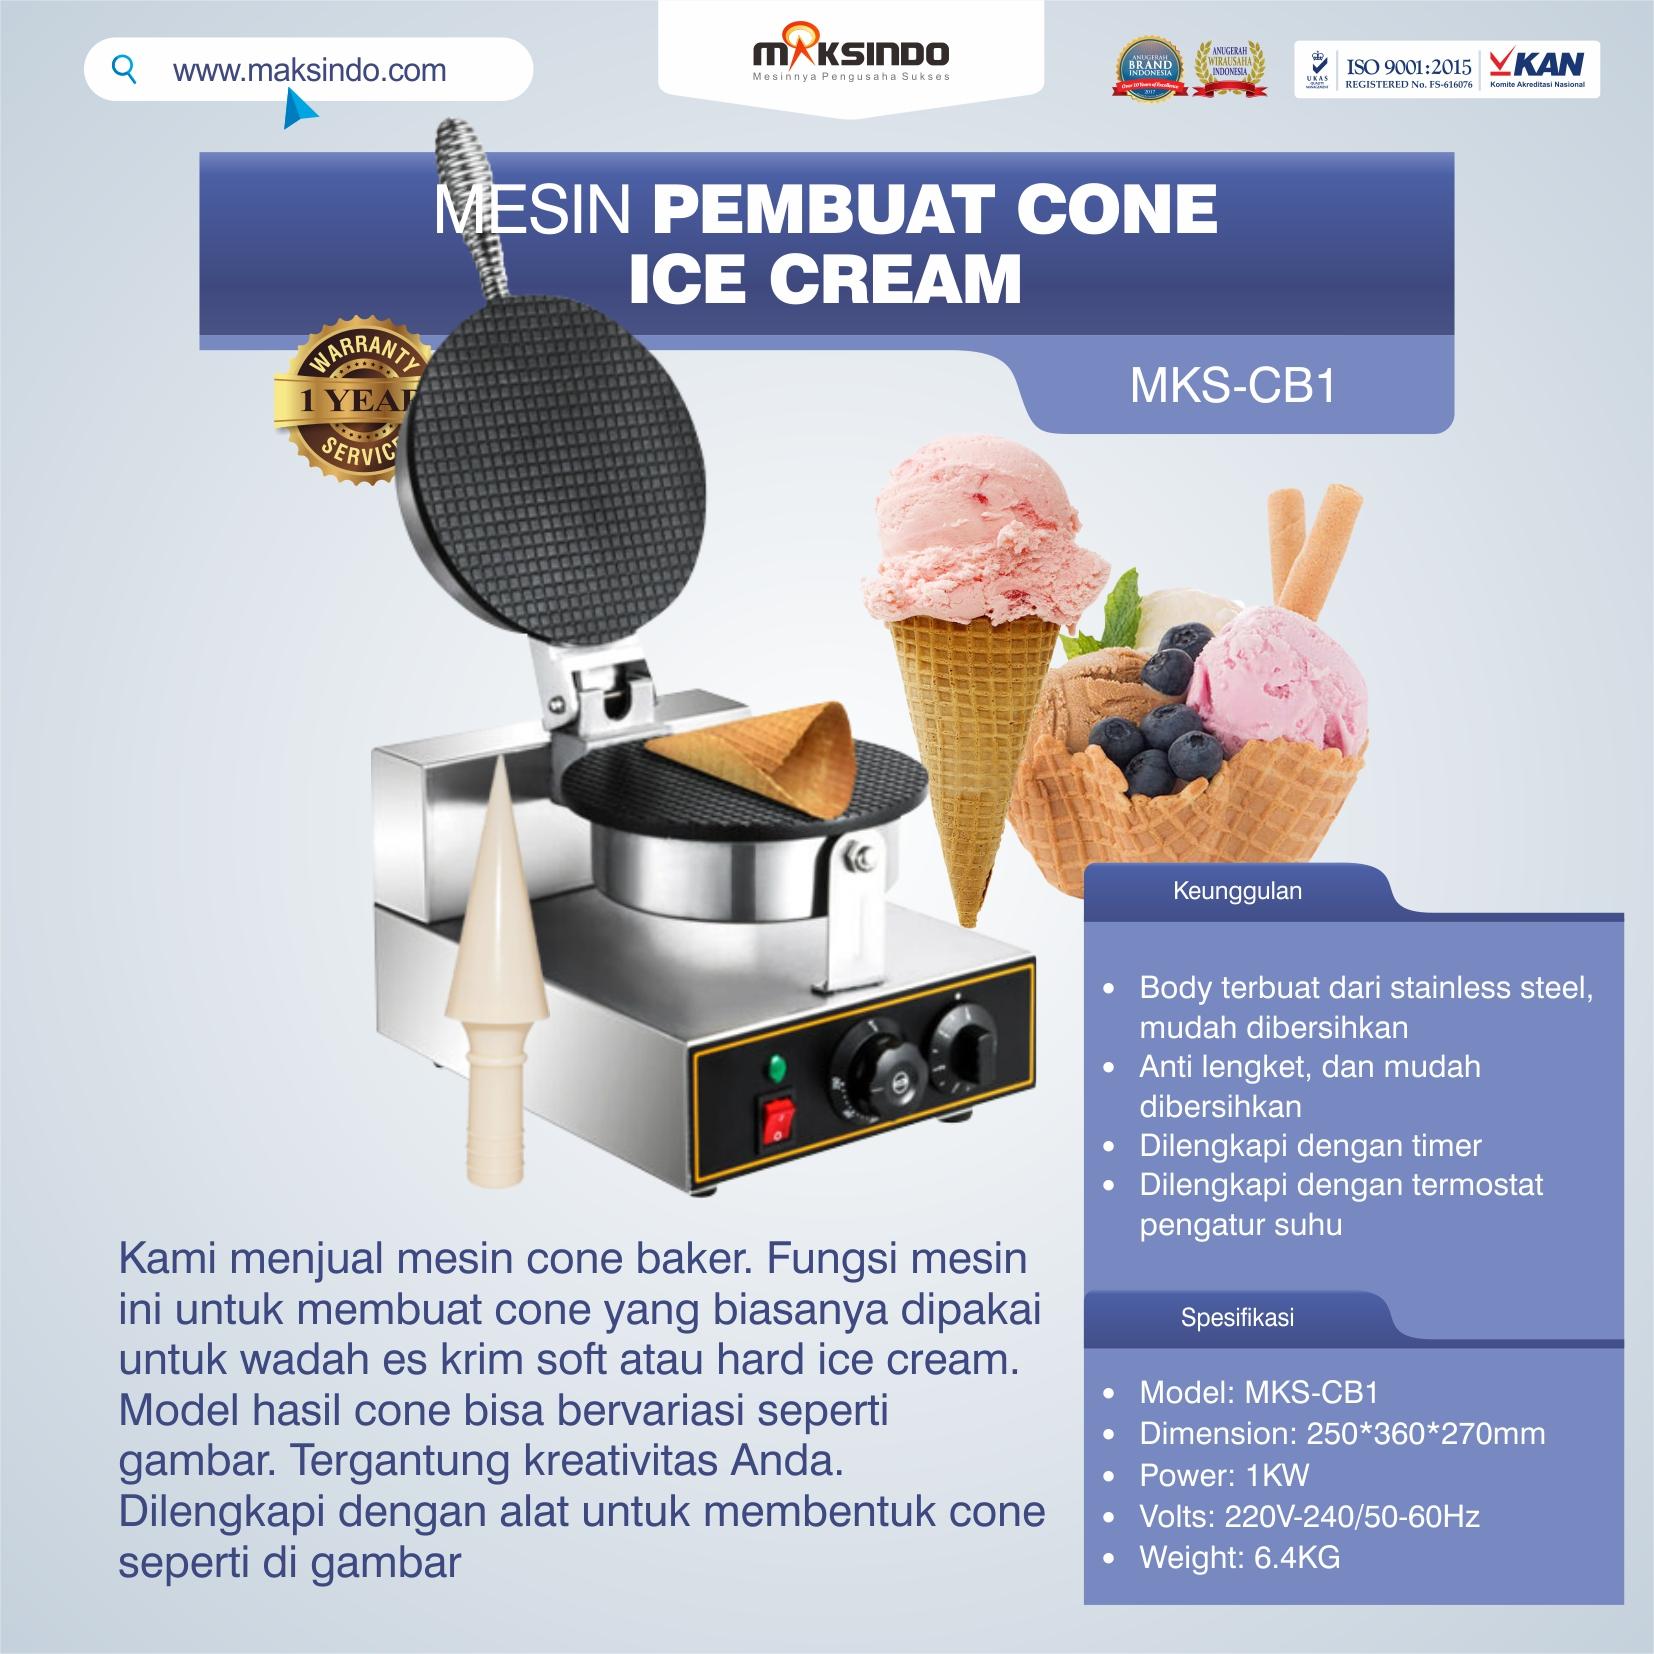 Jual Mesin Pembuat Cone (Cone Baker) Untuk Es Krim MKS-CB1 di Tangerang